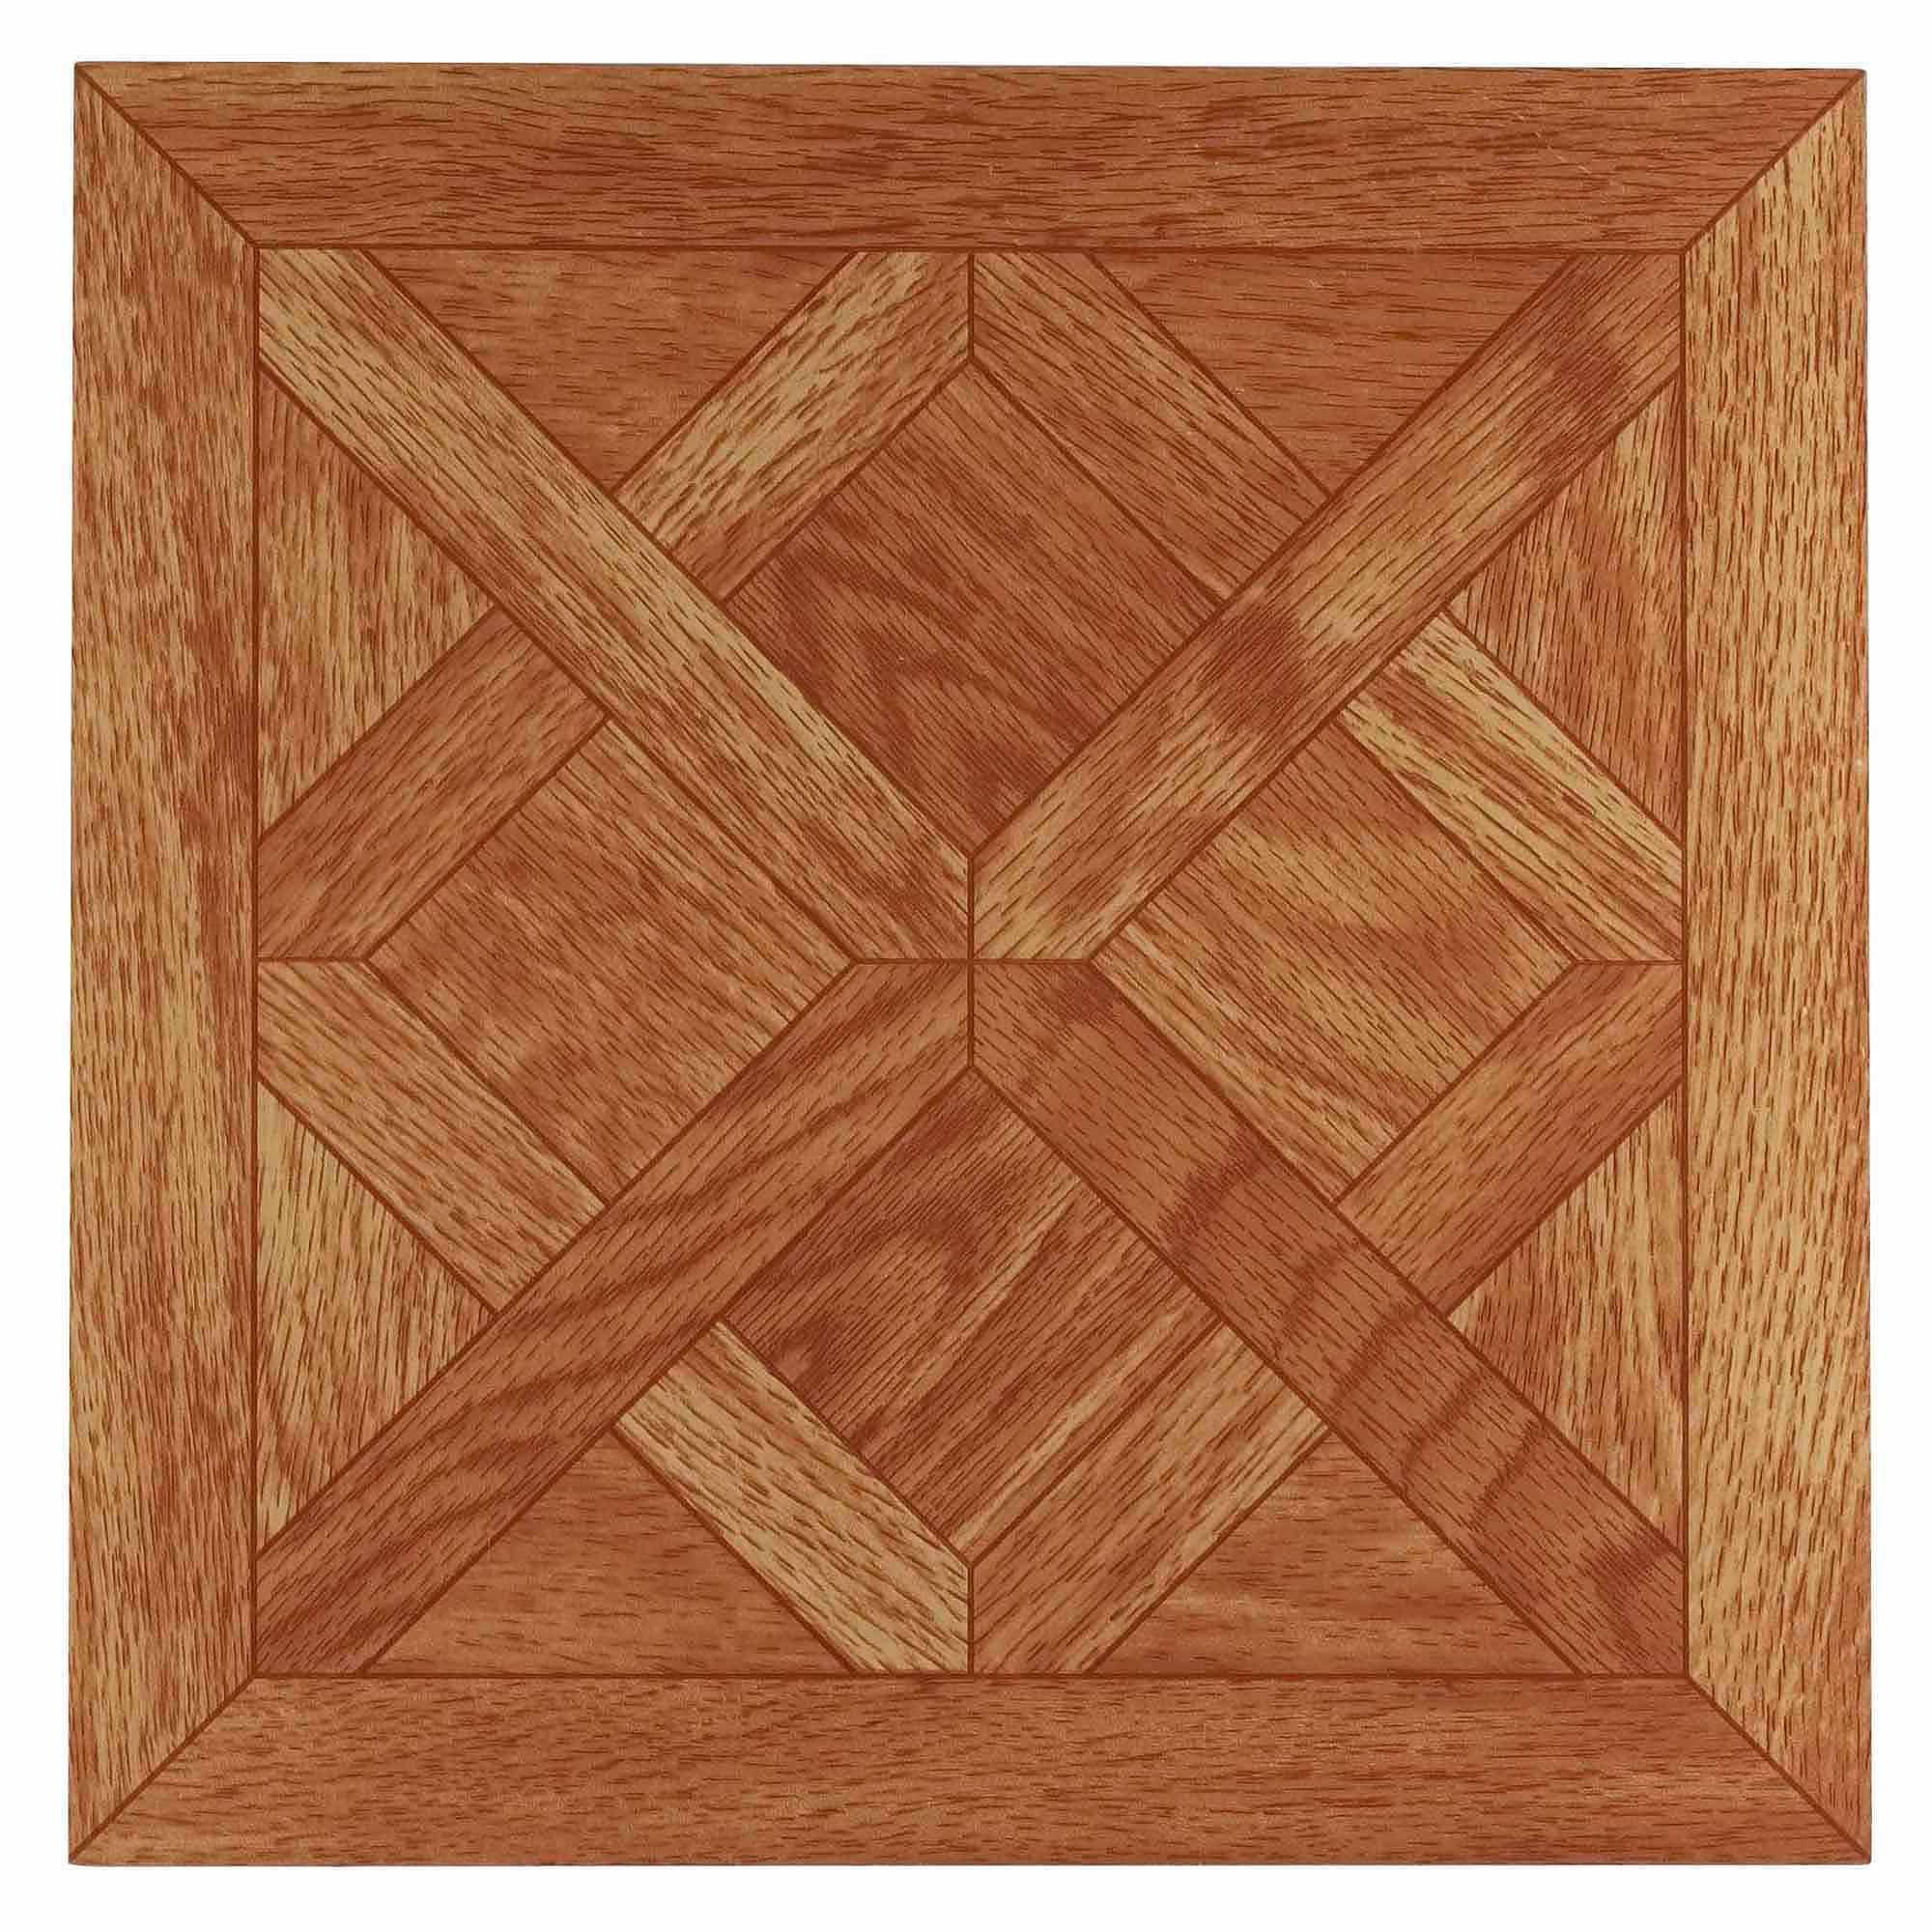 Nexus classic parquet oak 12x12 self adhesive vinyl floor tile 20 nexus classic parquet oak 12x12 self adhesive vinyl floor tile 20 tiles20 sqft walmart dailygadgetfo Images